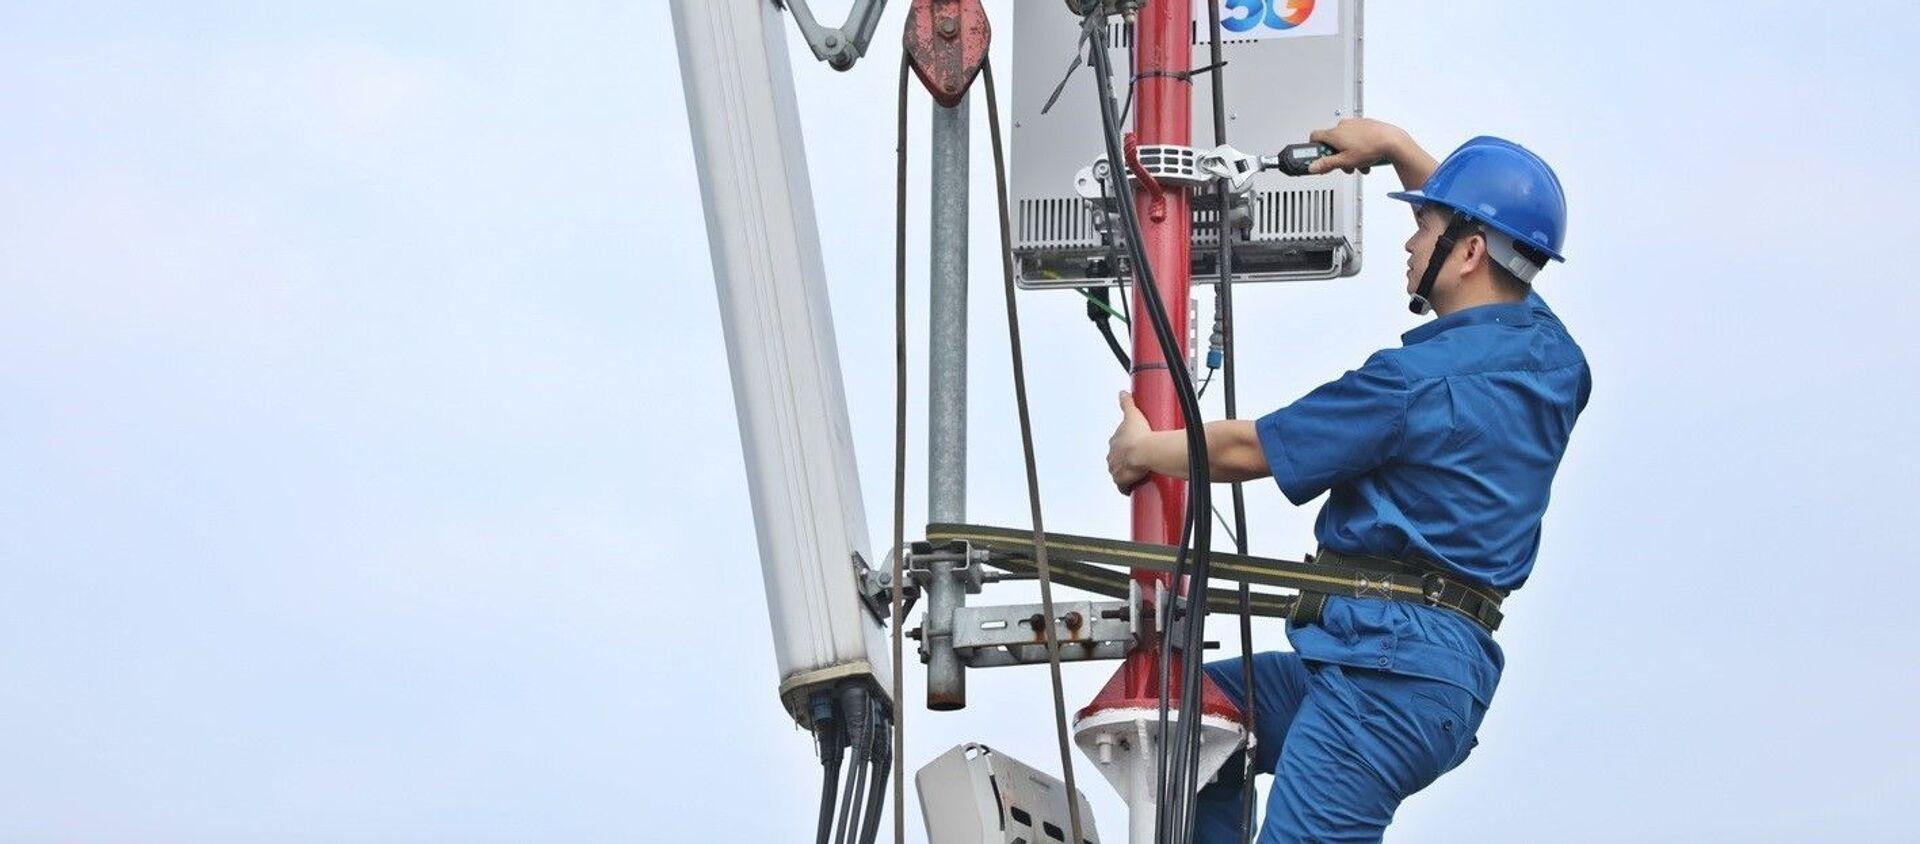 Nhân viên VNPT khẩn trương hoàn thành lắp đặt các trạm phát sóng 5G tại khu vực Hà Nội - Sputnik Việt Nam, 1920, 01.12.2020